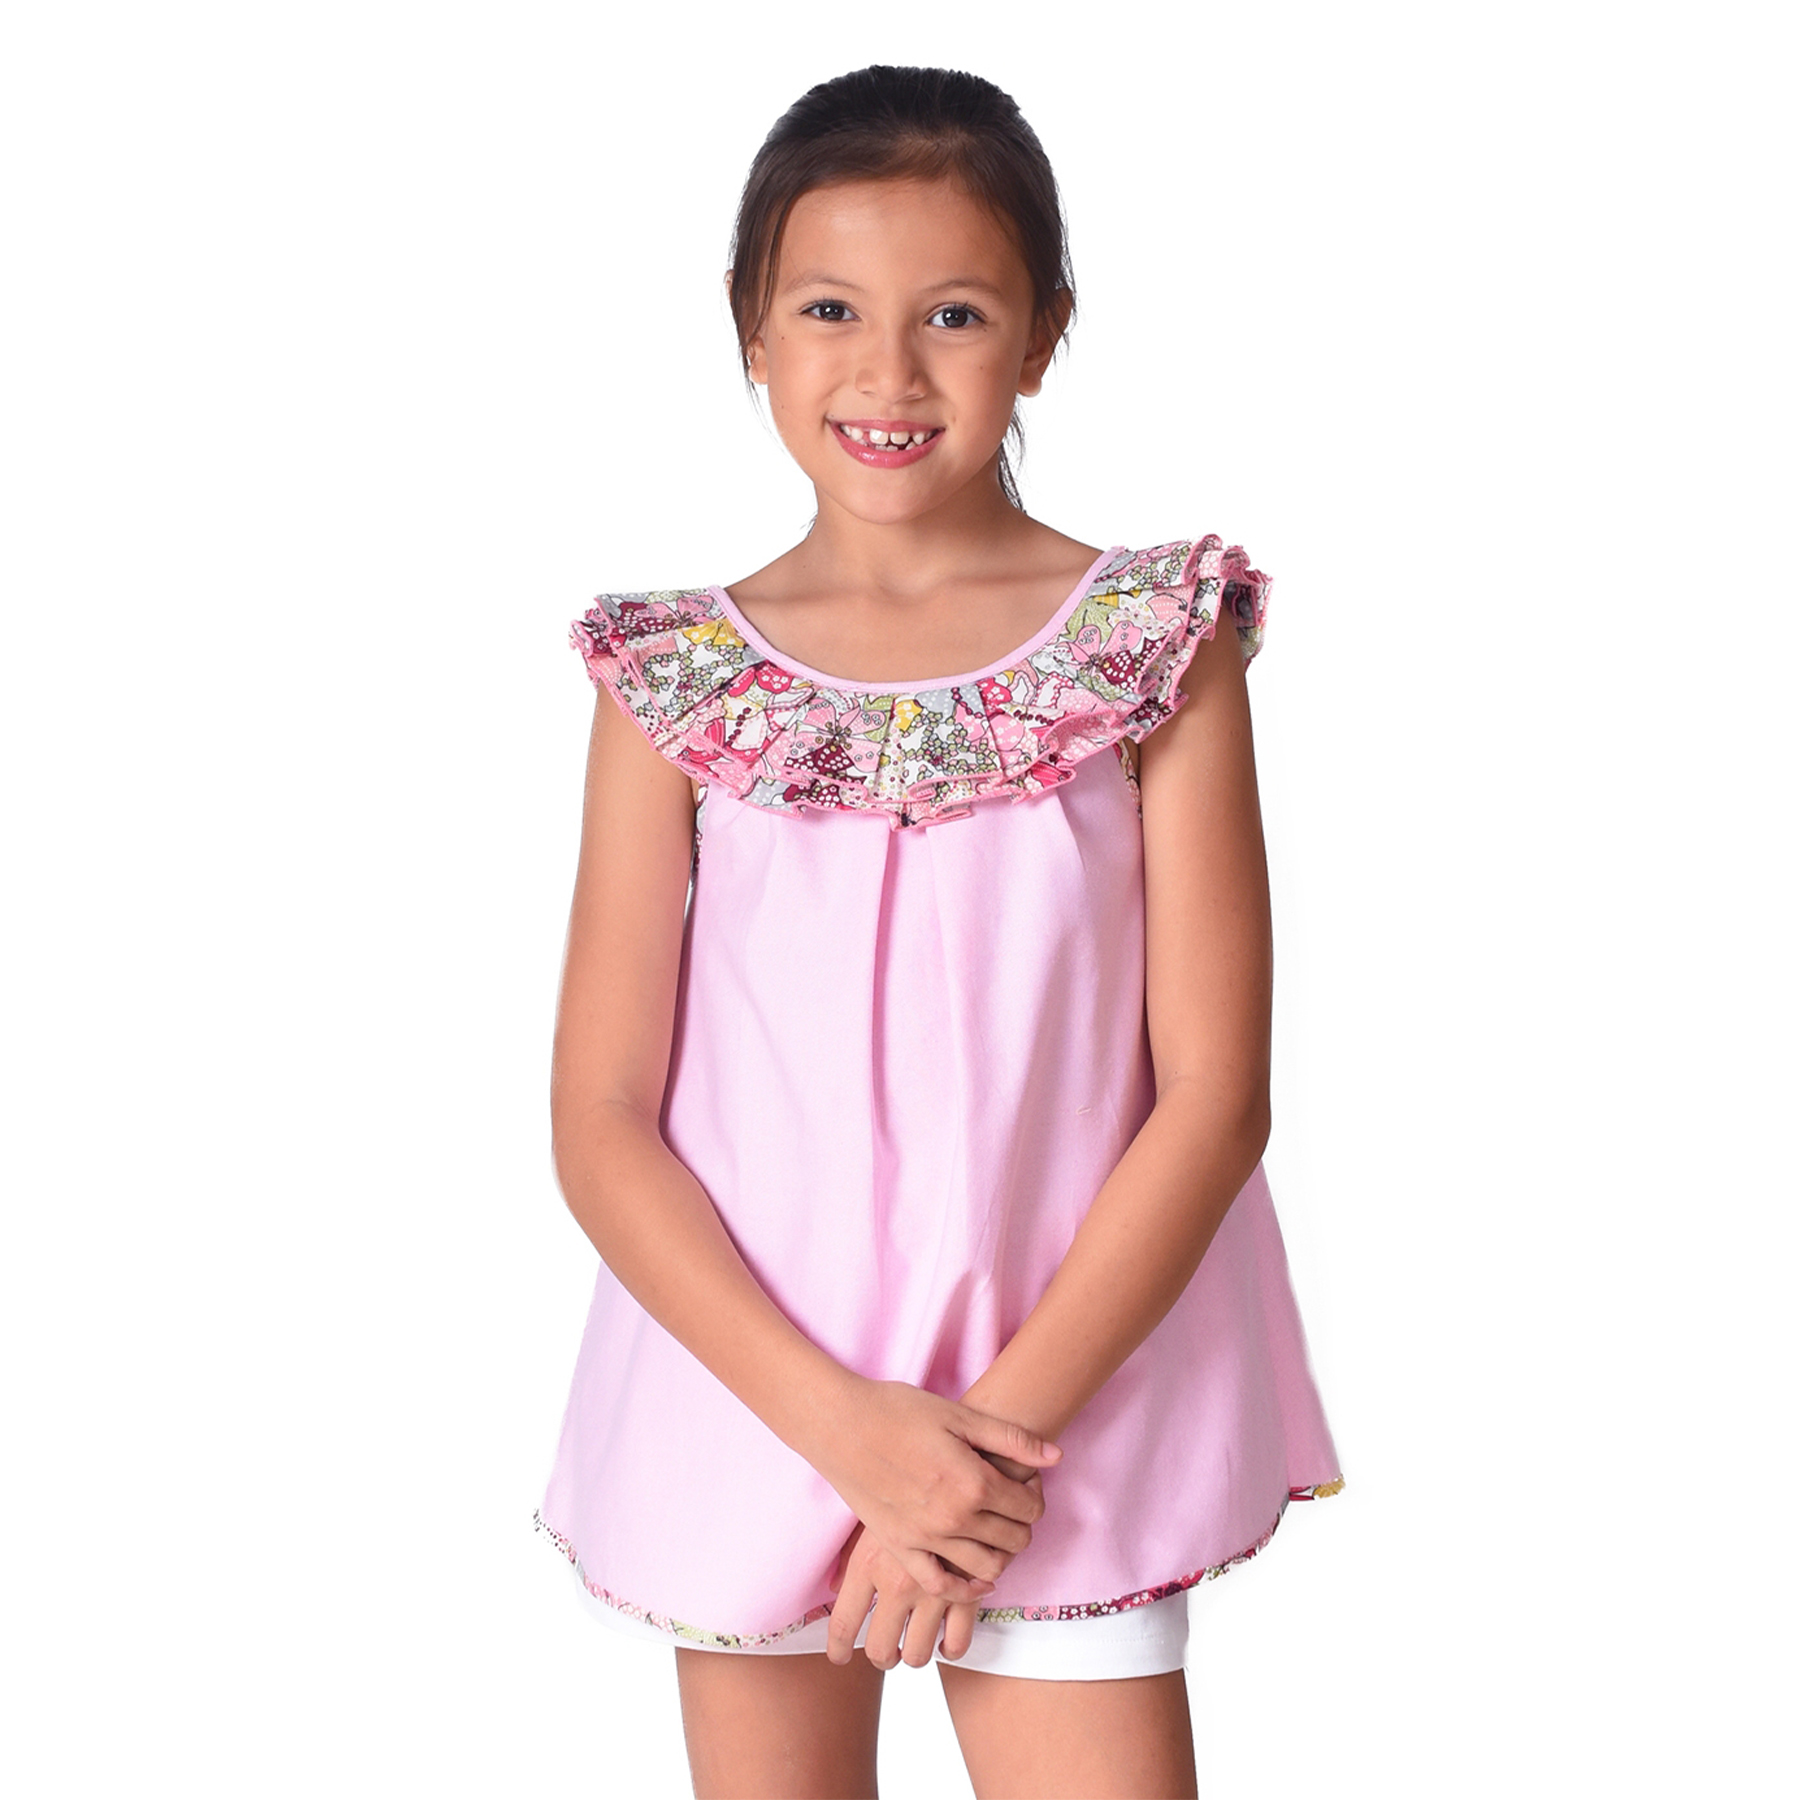 Blouse sans manches en coton rose pastel avec col bateau à volants liberty rose et rouge pour filles de 2 à 12 ans